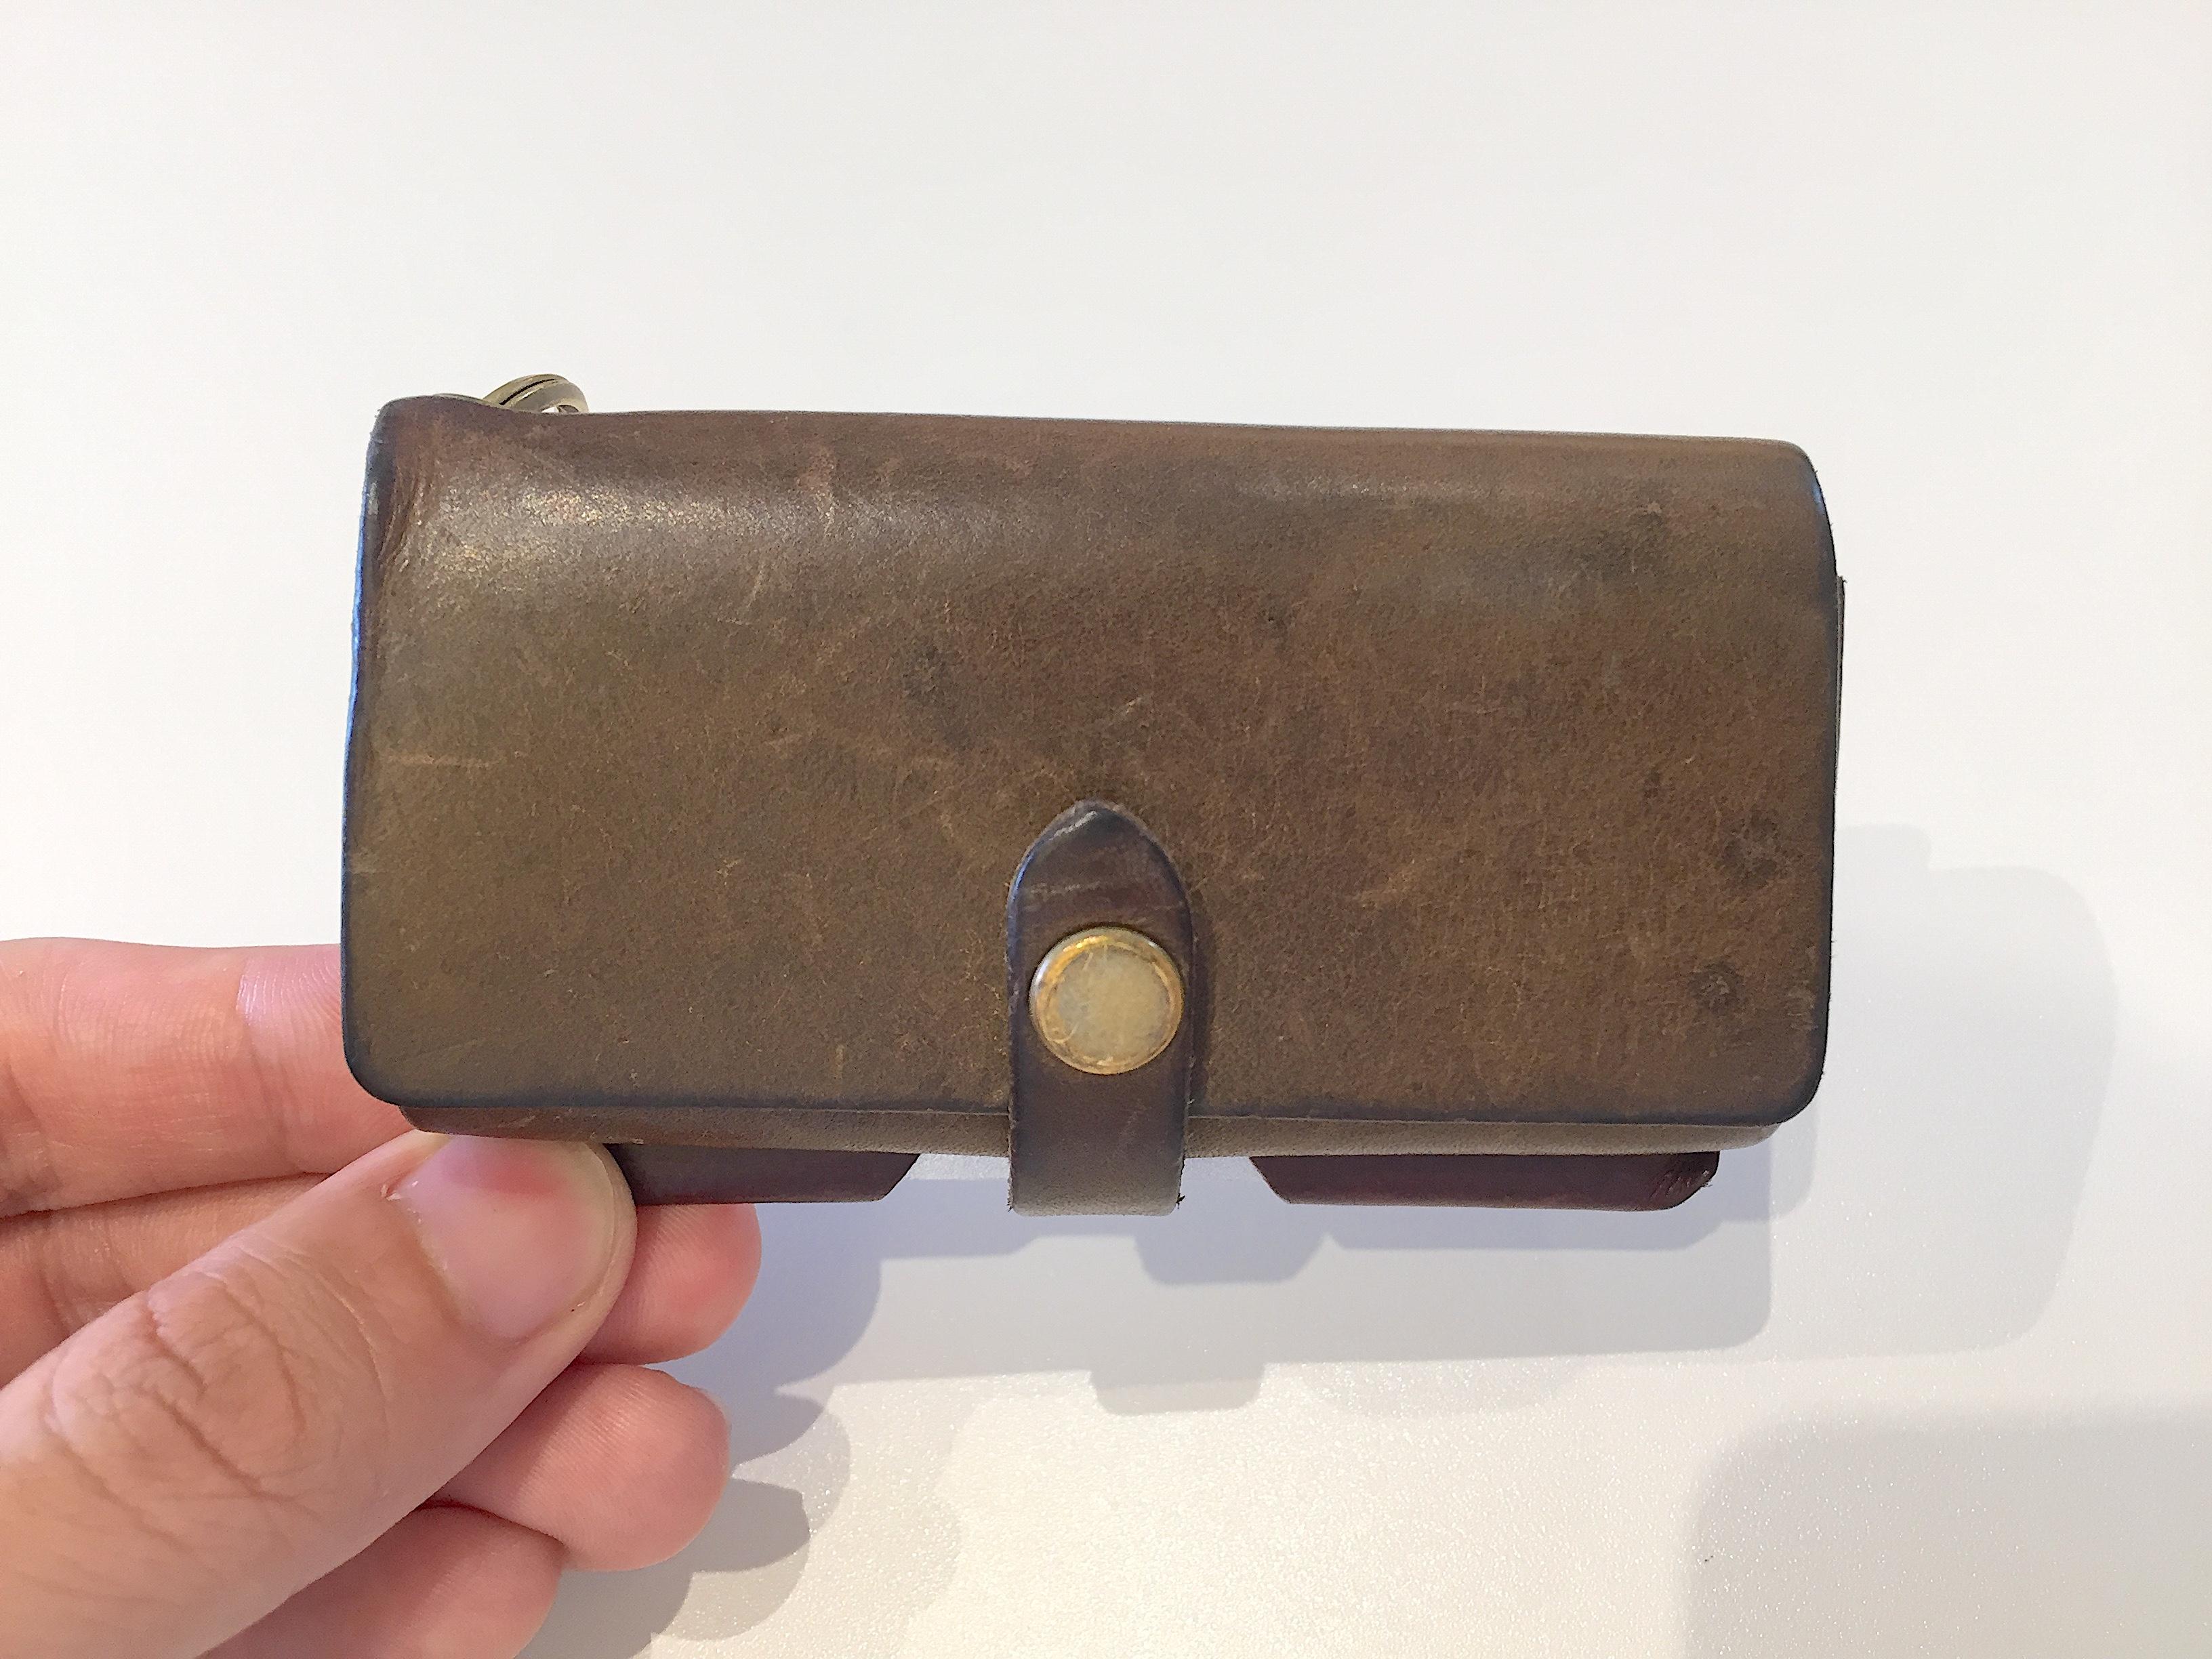 safujiのキー付きミニ財布の経年変化(9ヶ月)